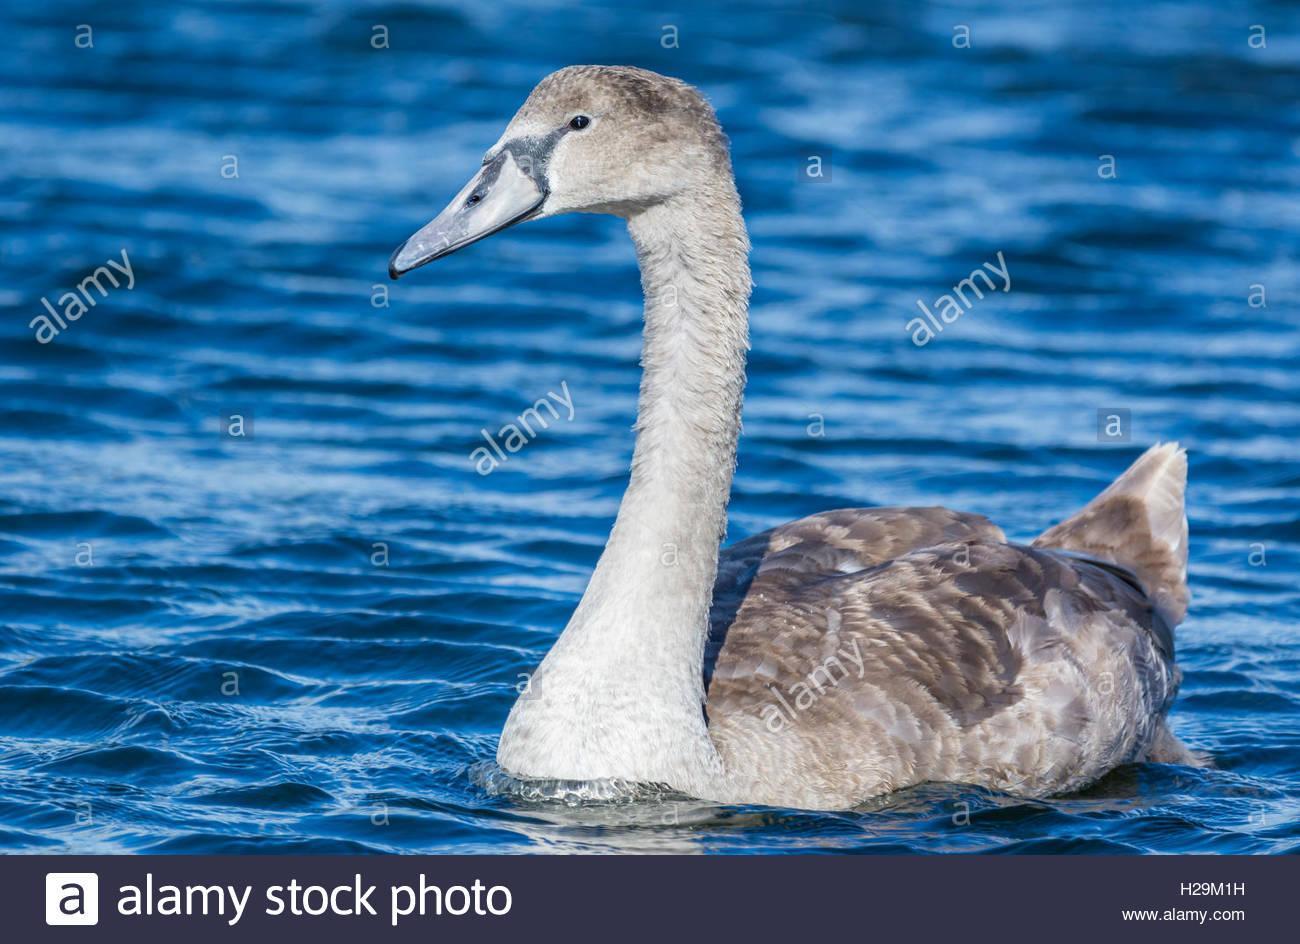 Weiße Mute Swan Cygnet (Cygnus Olor) auf einem abgehackten blauen See schwimmen. Stockbild